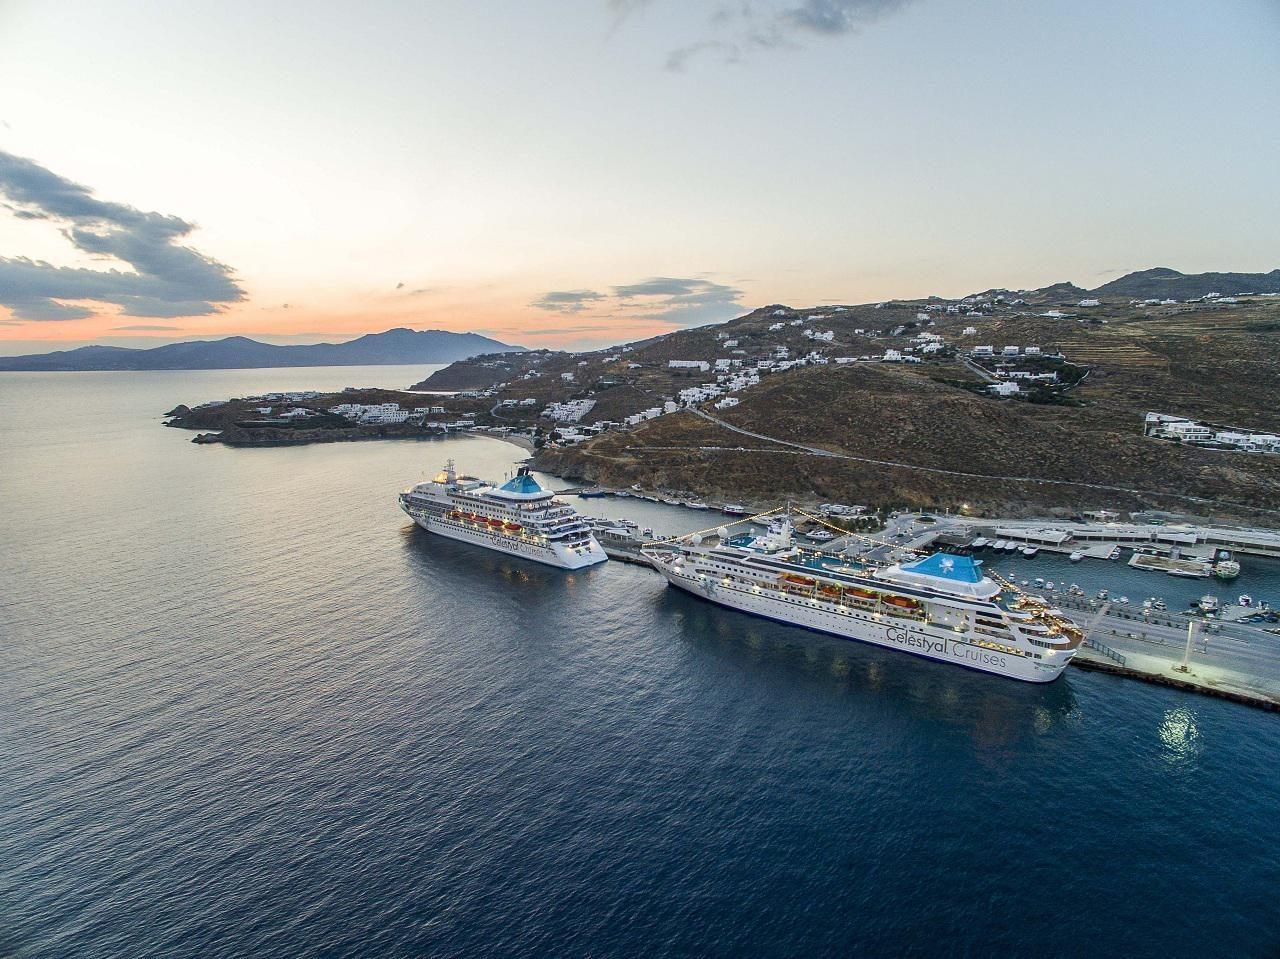 Τα κρουαζιερόπλοια Celestyal Crystal (αριστερά) και Celestyal Nefeli (δεξιά) της Celestyal Cruises